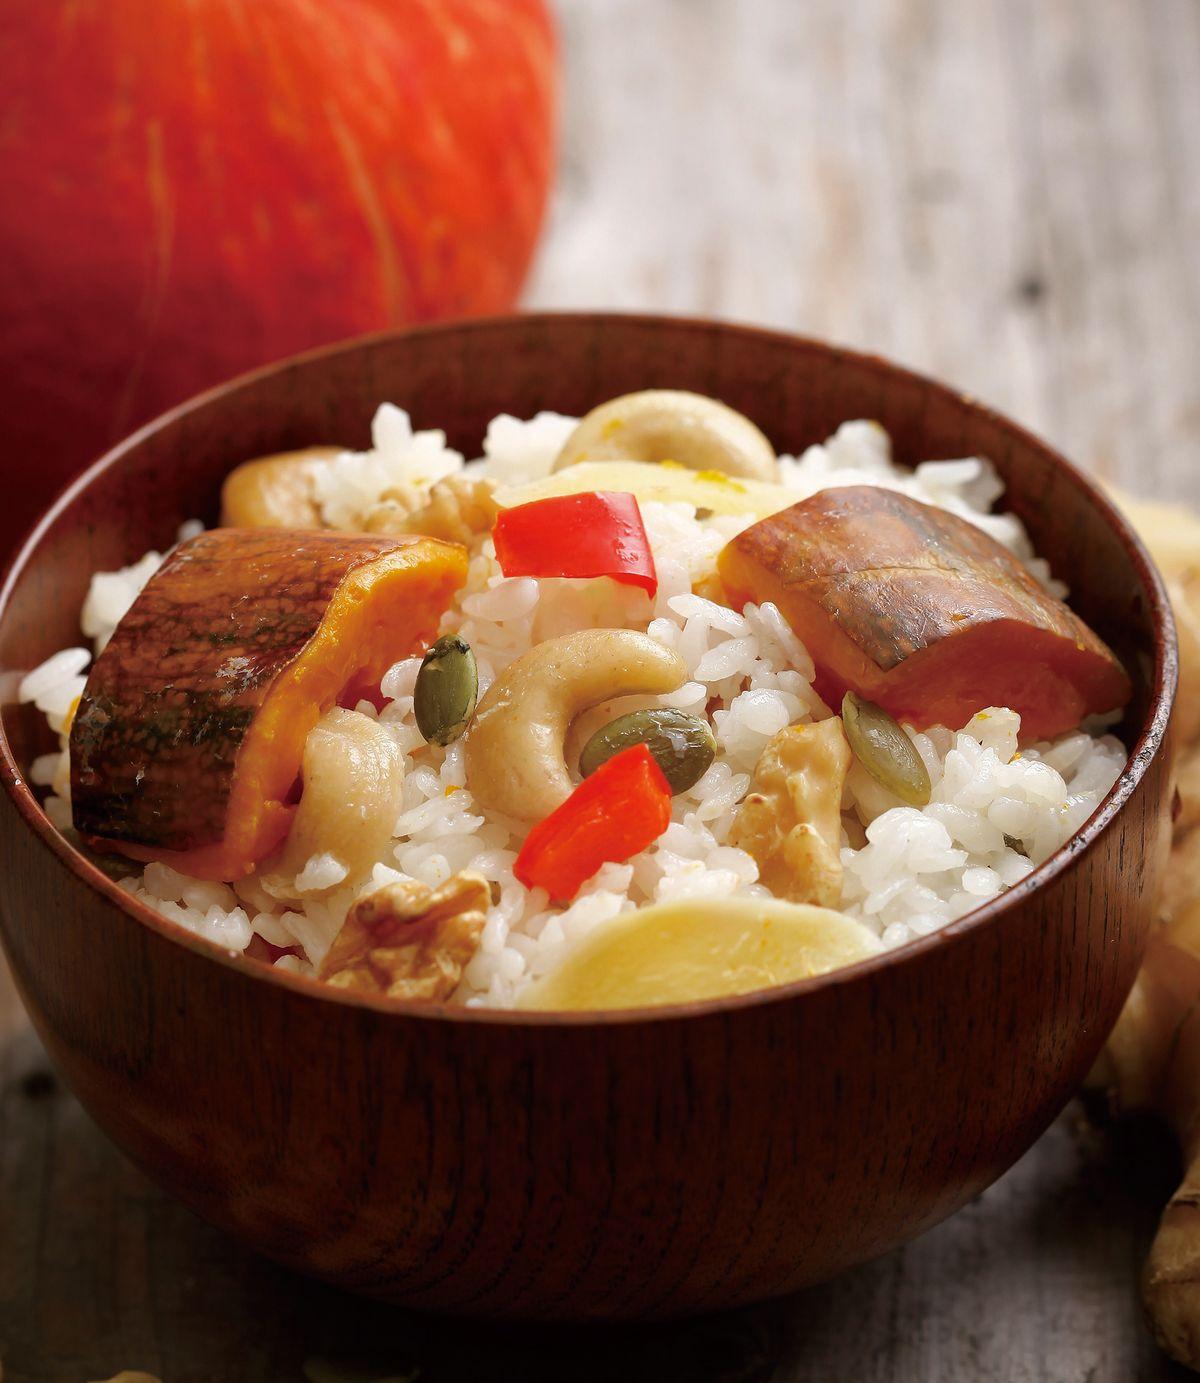 食譜:南瓜堅果炊飯